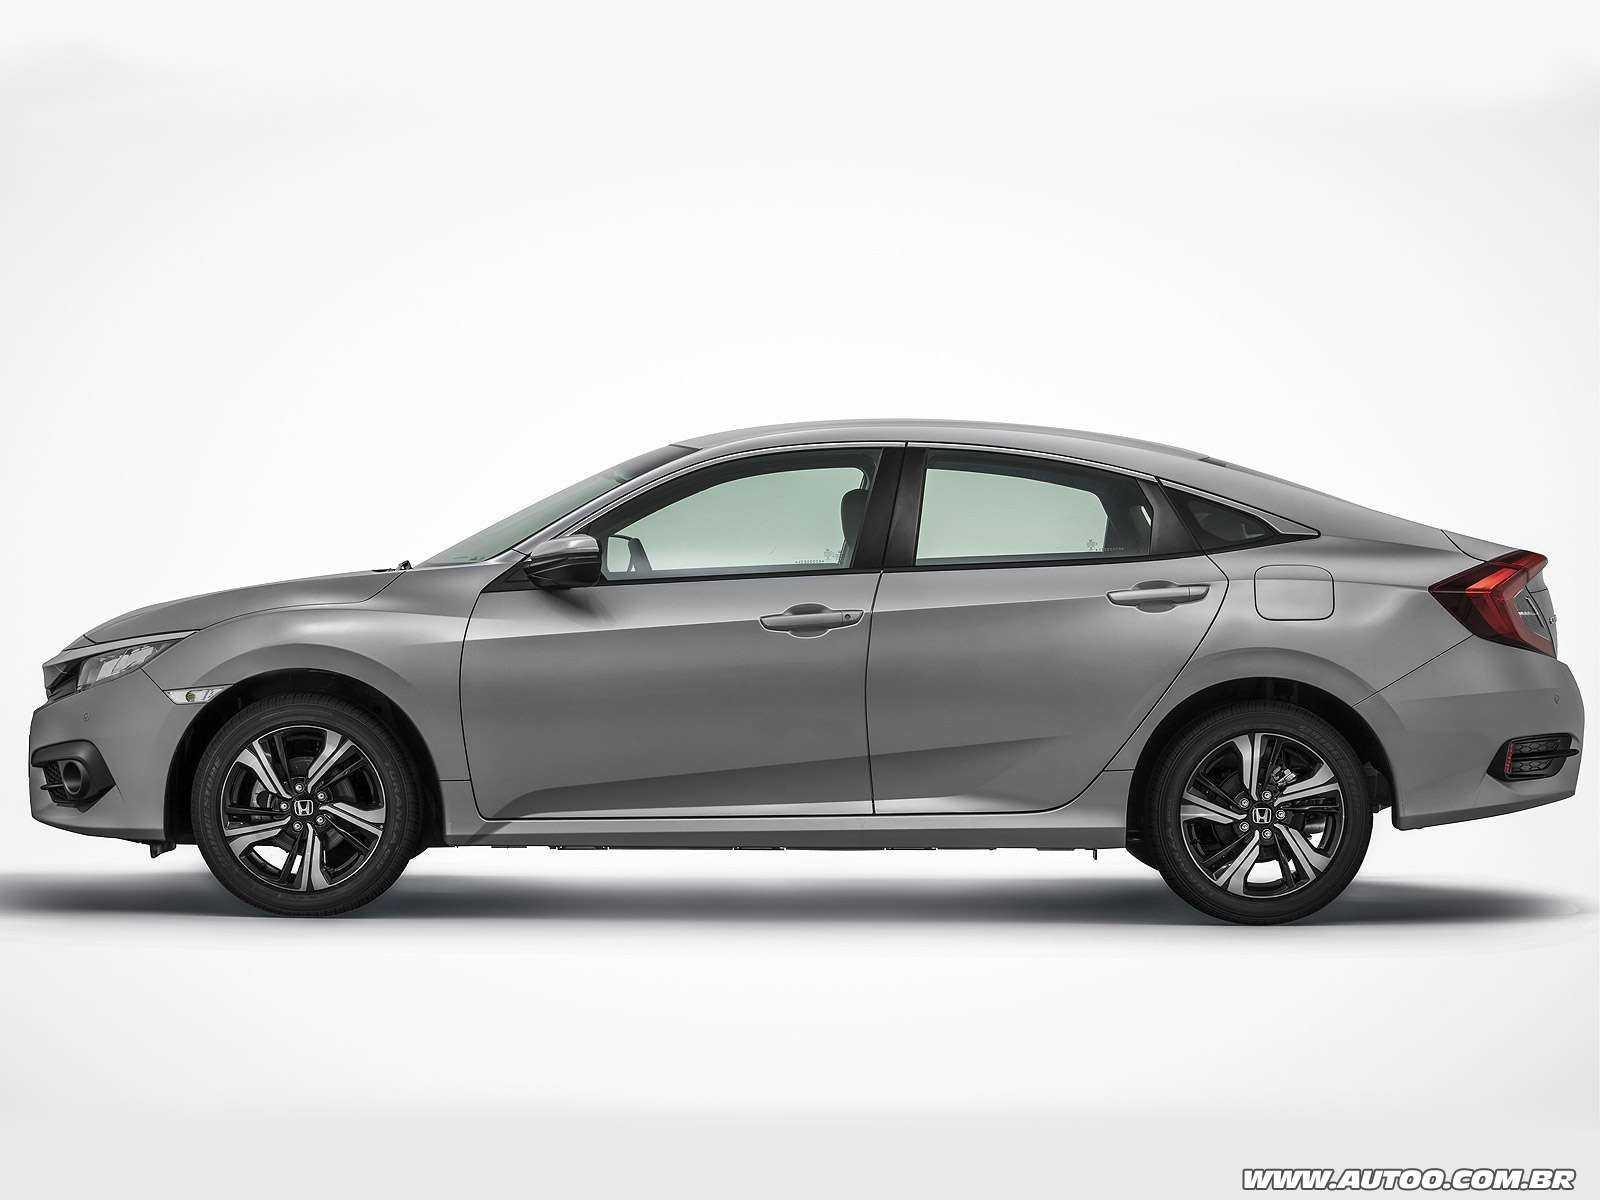 HondaCivic 2018 - lateral